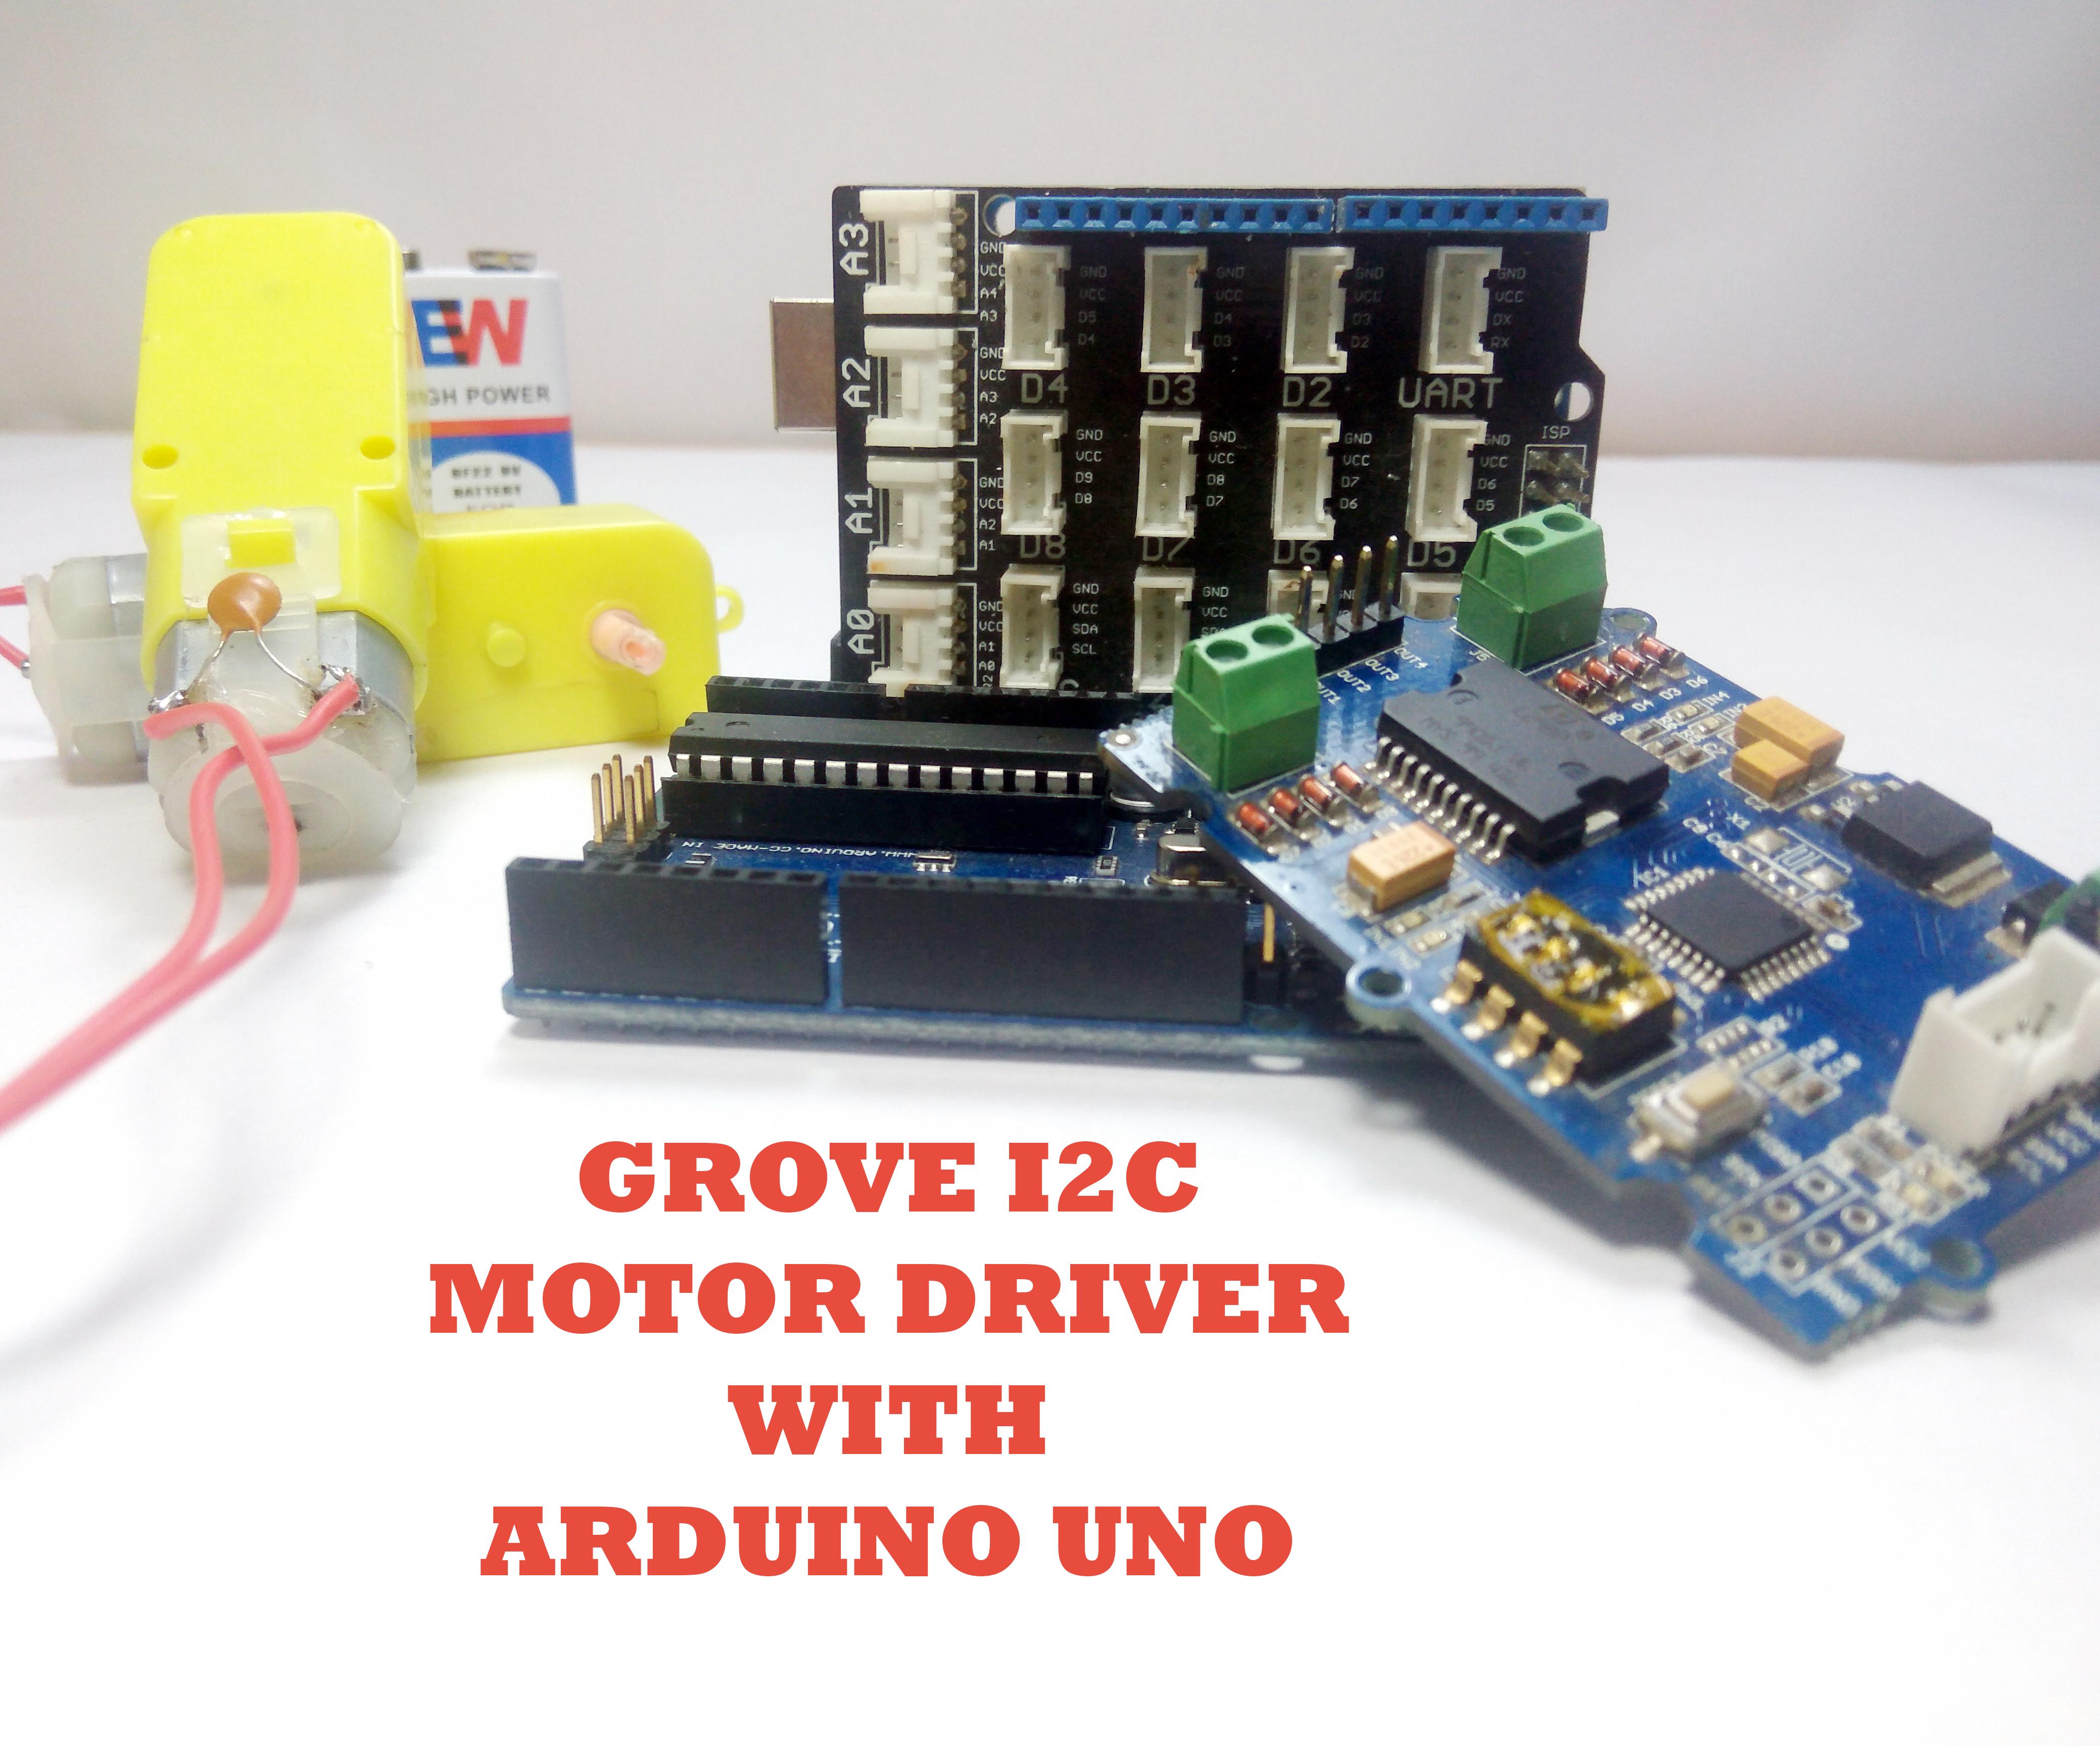 Arduino Grove I2C Motor Driver